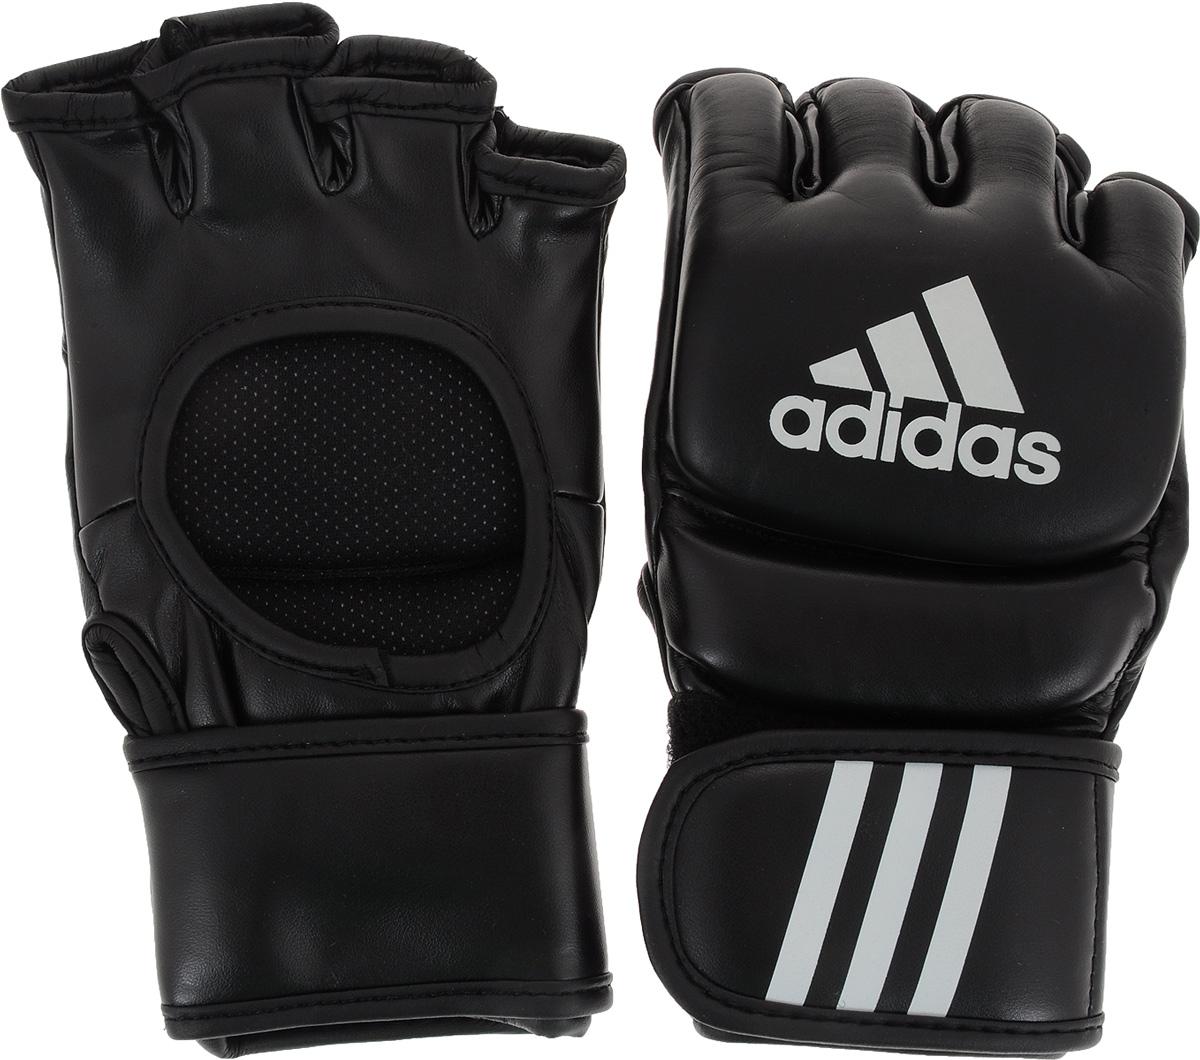 Шингарты для единоборств Adidas UFC Type. Размер S